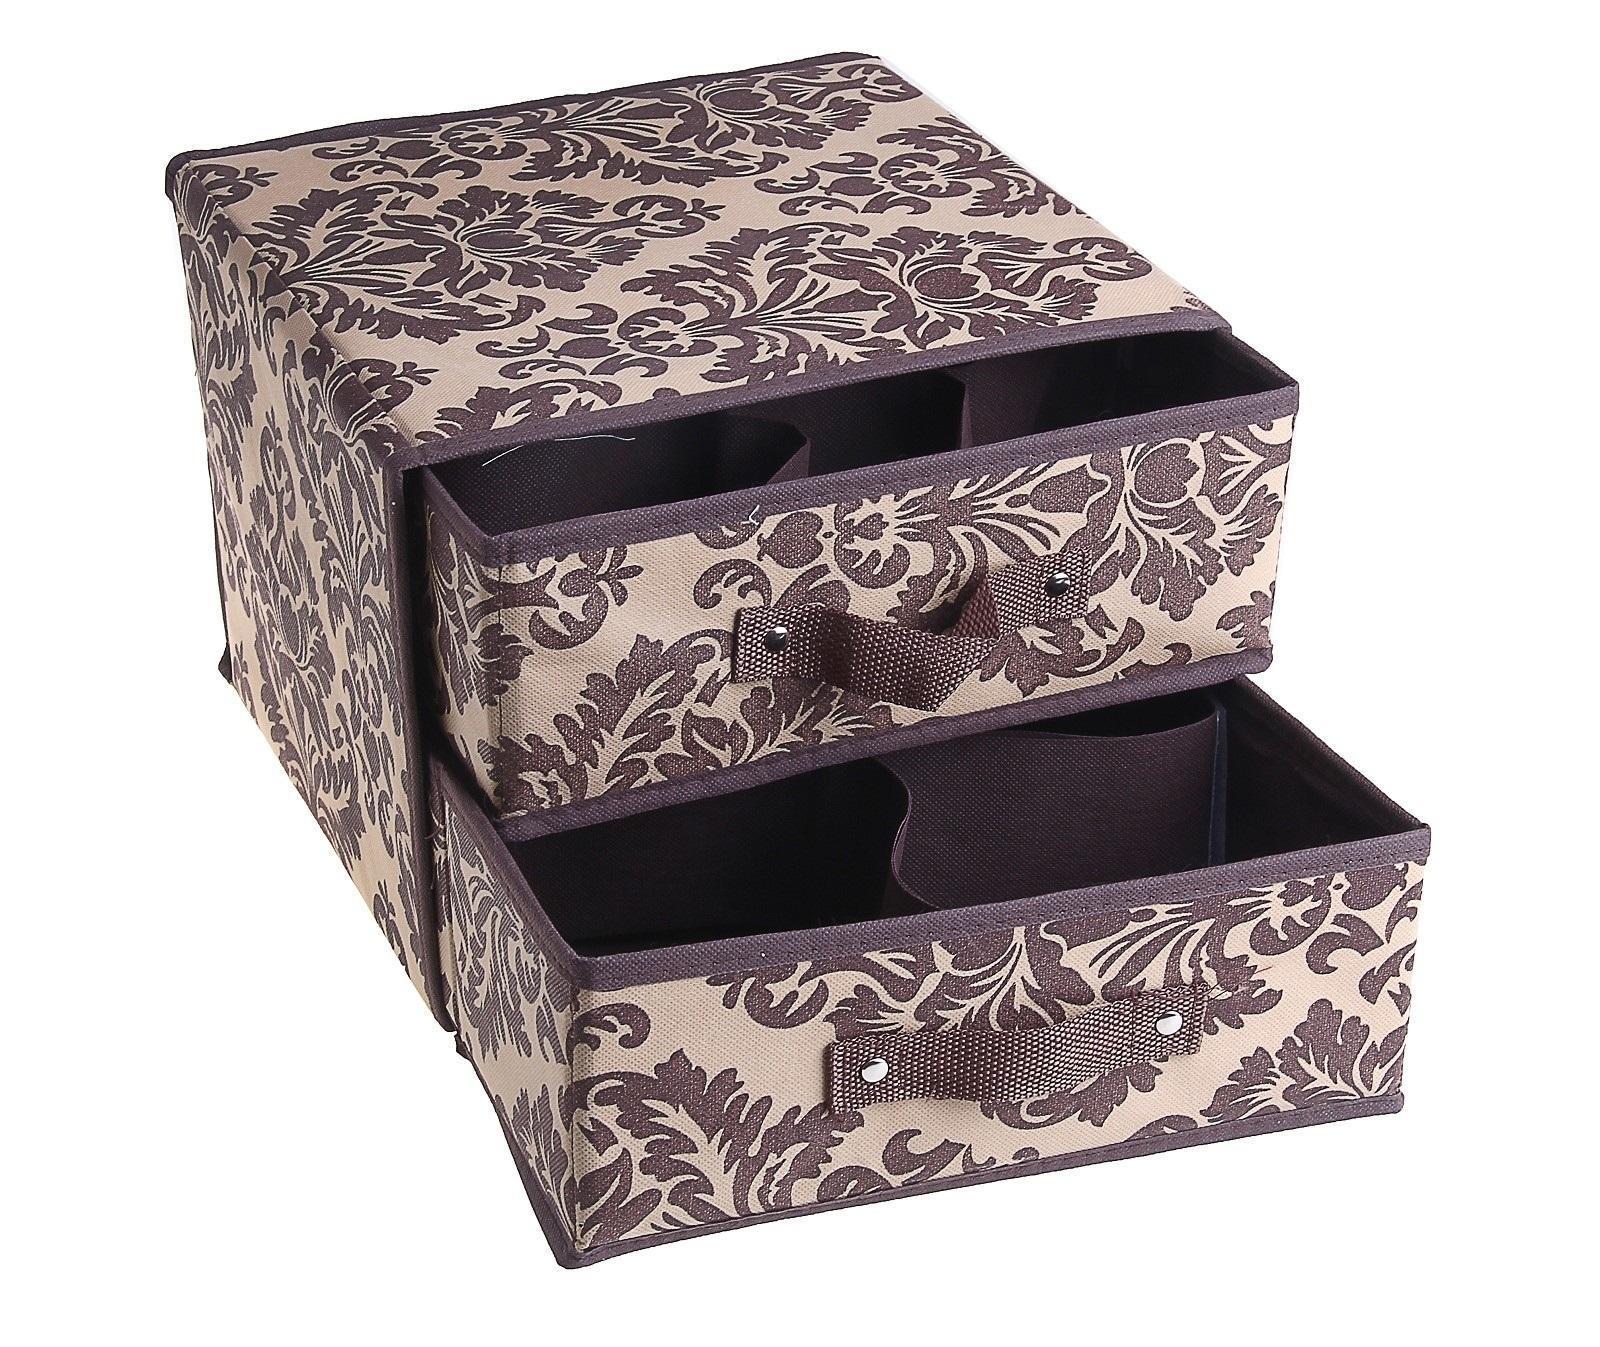 контейнер для хранения(жёсткий)30*30*23см, с 2 выдвижными ящичками коричневый 844844Декоративный контейнер - отличный способ для хранение вещей! Благодаря универсальности изделия, в контейнере можно хранить самые разнообразные вещи: бижутерию, лекарства, швейные принадлежности.Такой контейнер поможет держать вещи в порядке. Декоративный контейнер даст Вам возможность сохранить все в одном месте, а также защитить вещи от пыли, грязи и влаги.